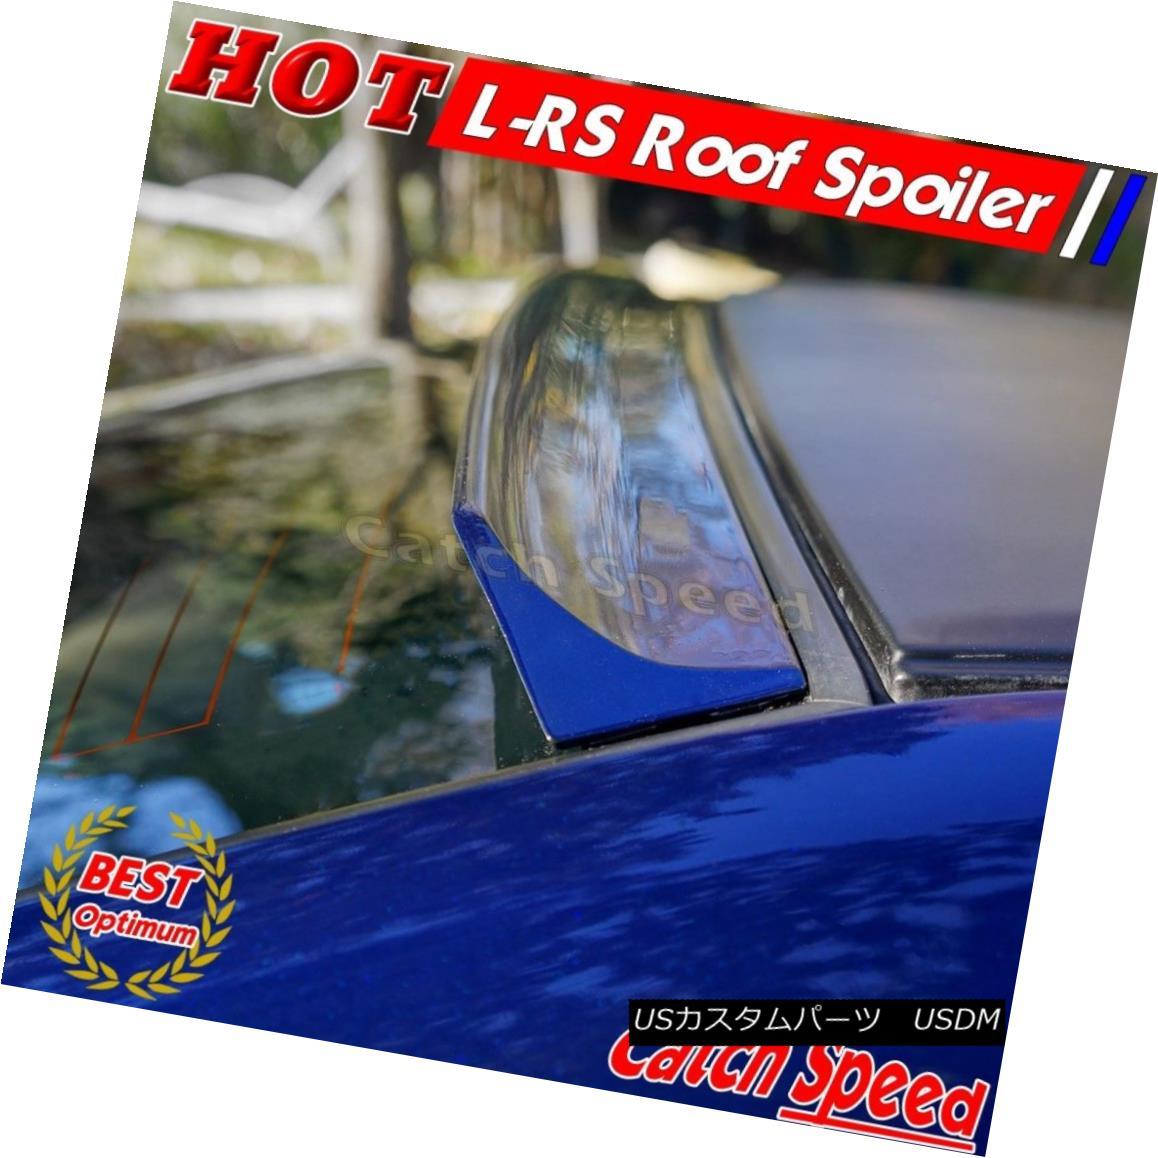 エアロパーツ Painted LRS Style Rear Roof Spoiler Wing For Ford Fusion Sedan 2010-2012? フォードフュージョンセダン2010-2012のために塗られたLRSスタイルのリアルーフスポイラーウィング?